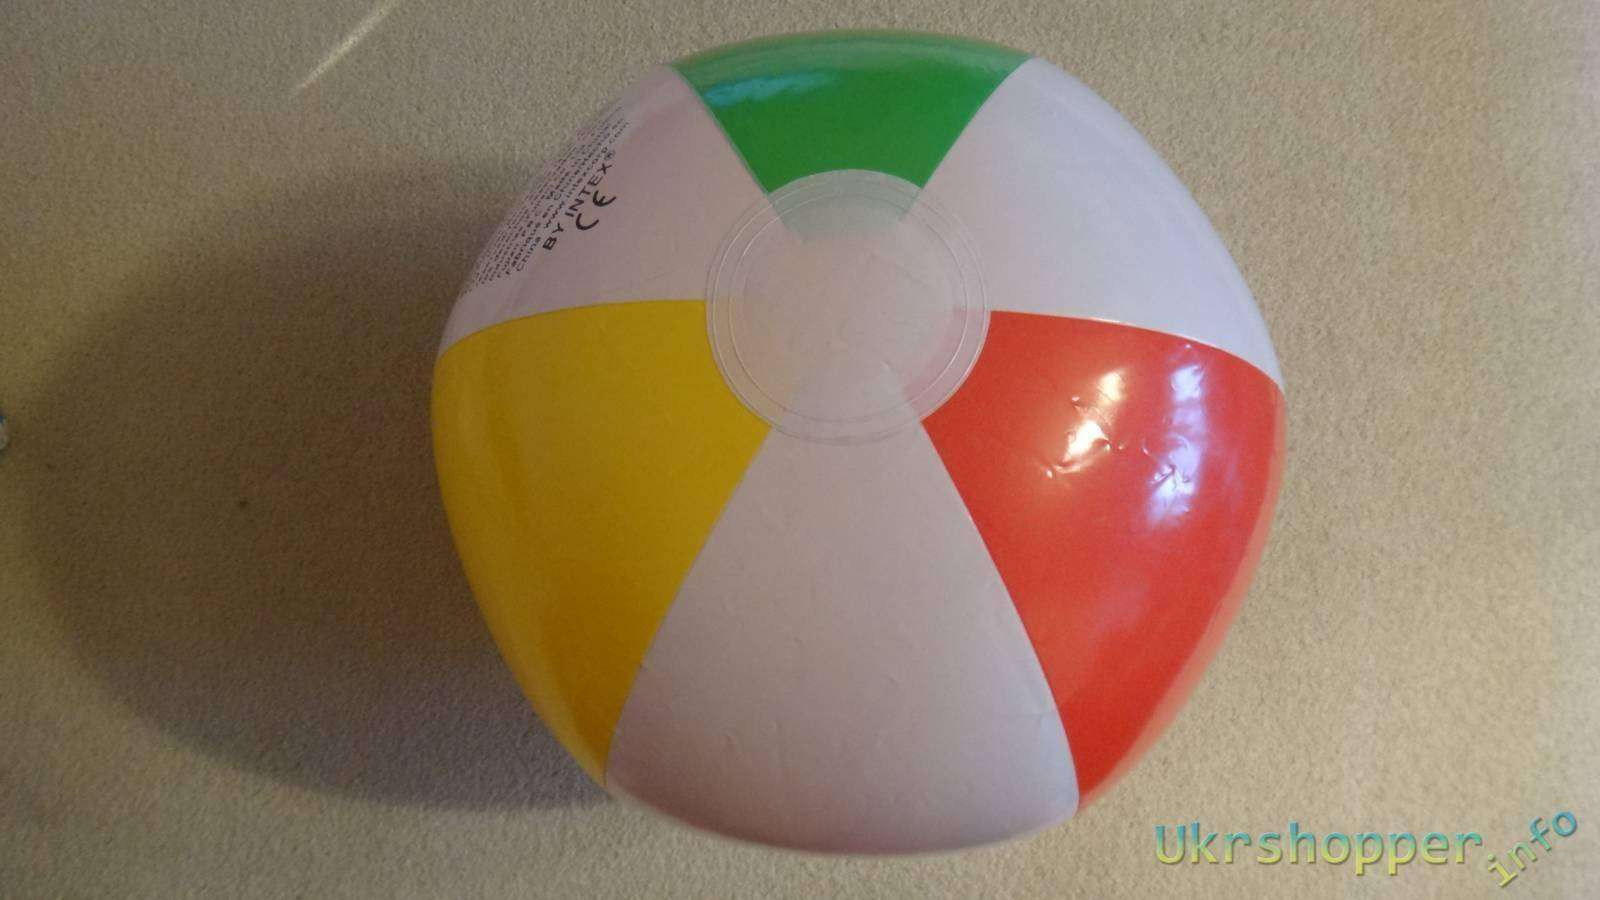 Amazon: Обзор надувного мяча фирмы Intex